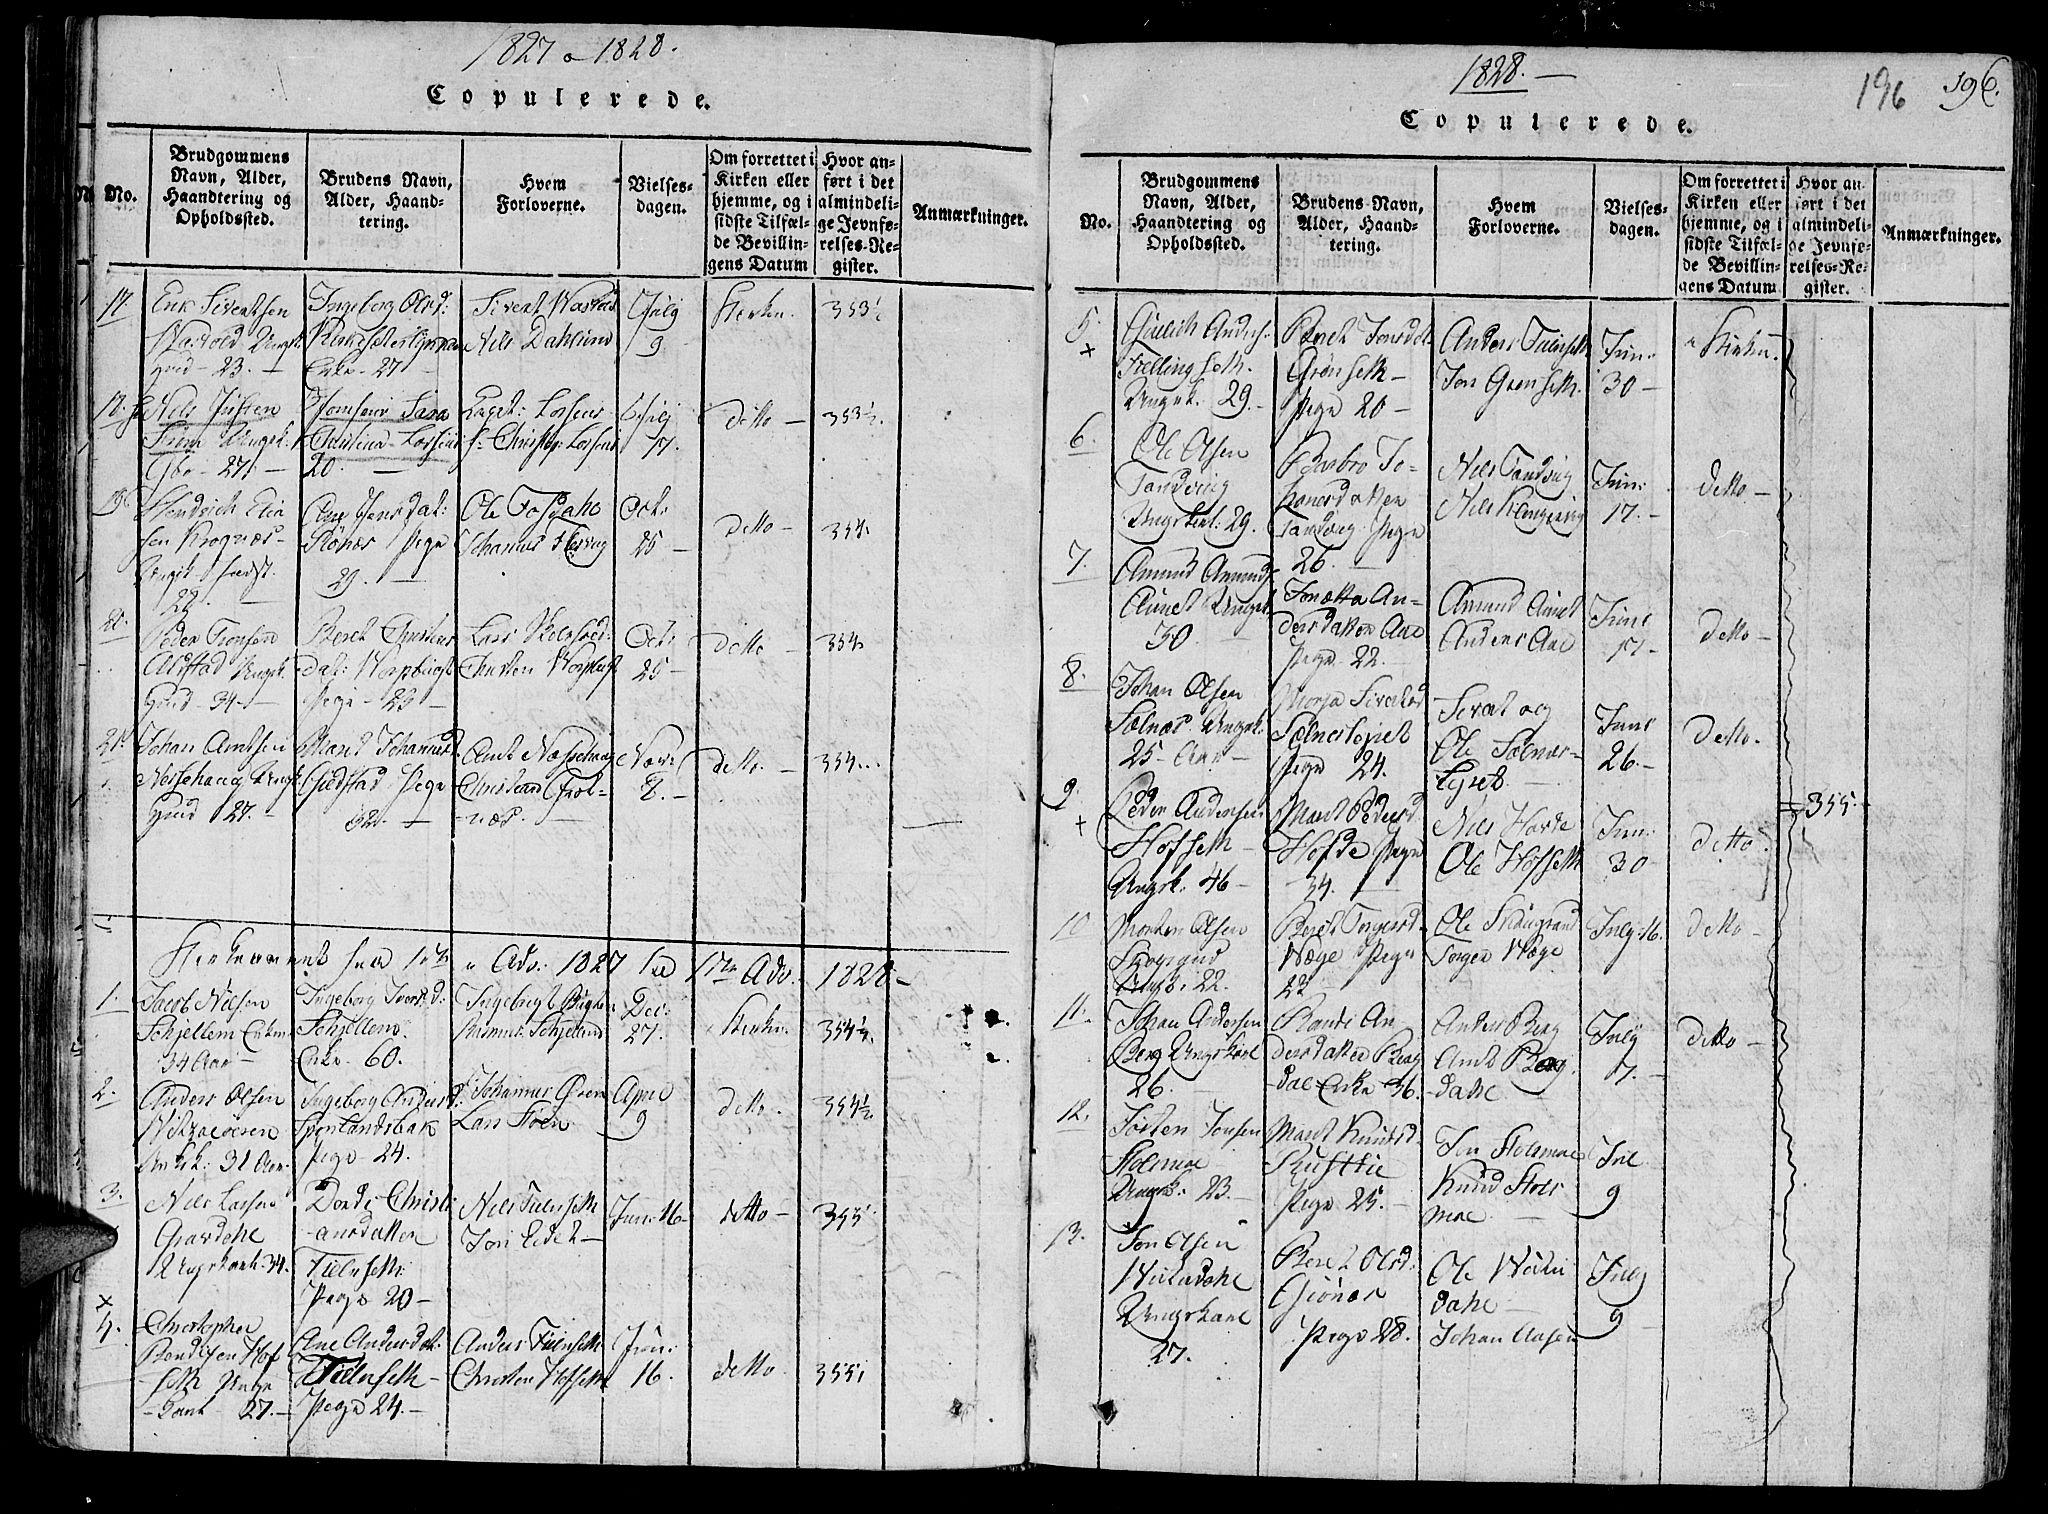 SAT, Ministerialprotokoller, klokkerbøker og fødselsregistre - Sør-Trøndelag, 630/L0491: Ministerialbok nr. 630A04, 1818-1830, s. 196